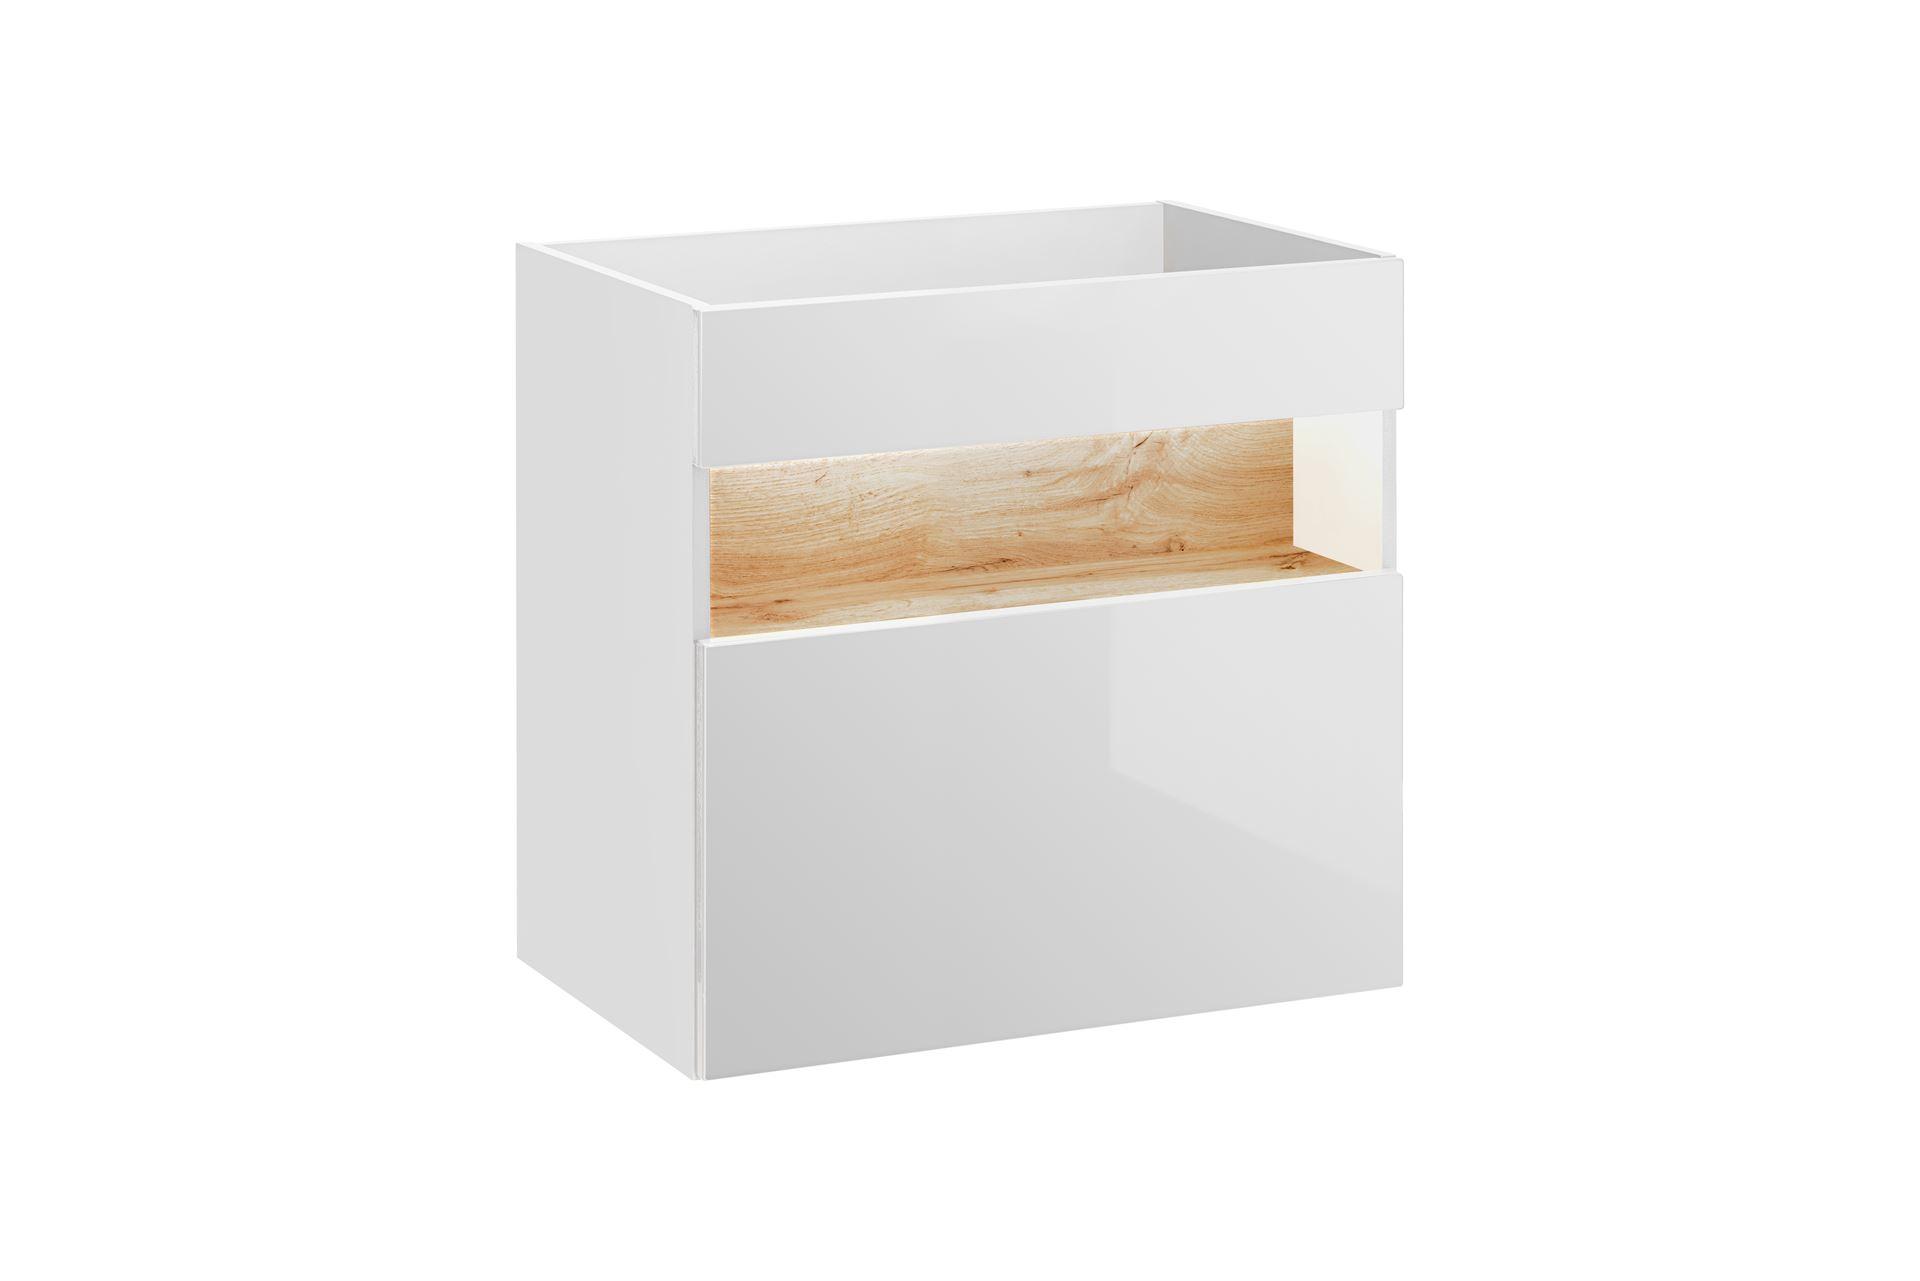 ArtCom Kúpeľňová zostava BAHAMA / white Bahama: skrinka pod umývadlo 60 cm - 820 | 67 x 60 x 46